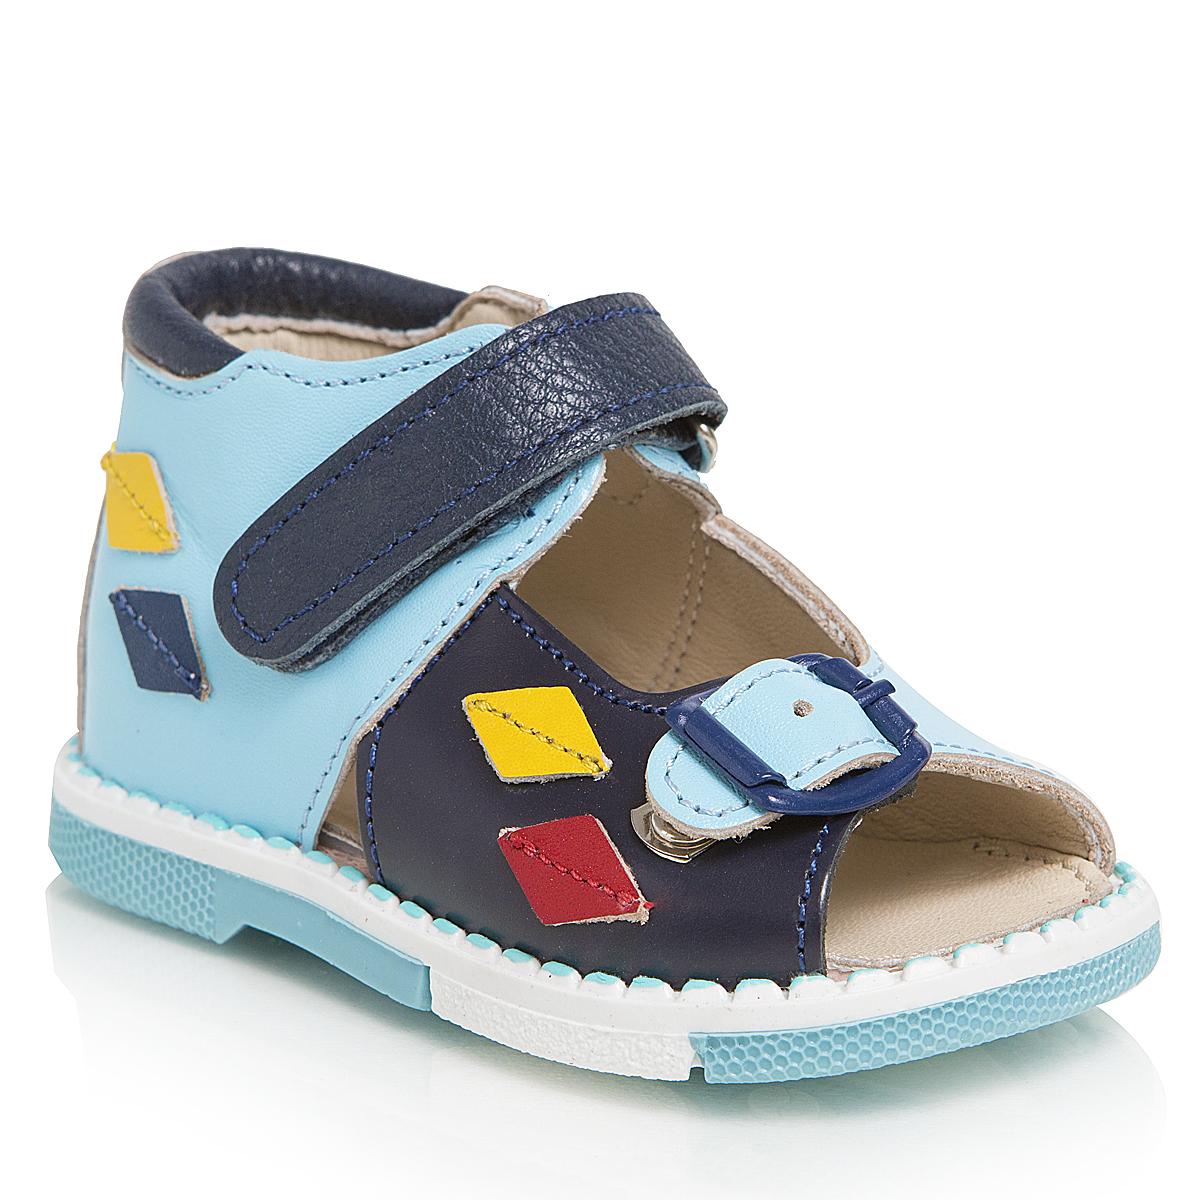 Сандалии для мальчиков. 129-181129-181ТАШИ ОРТО - детская профилактическая ортопедическая обувь массового производства. Ее можно носить не только детям с признаками плоскостопия и косолапия , но и для профилактики подобных отклонений. А многим детям ортопедическая обувь НЕОБХОДИМА для коррекции стопы, исправления походки и осанки.